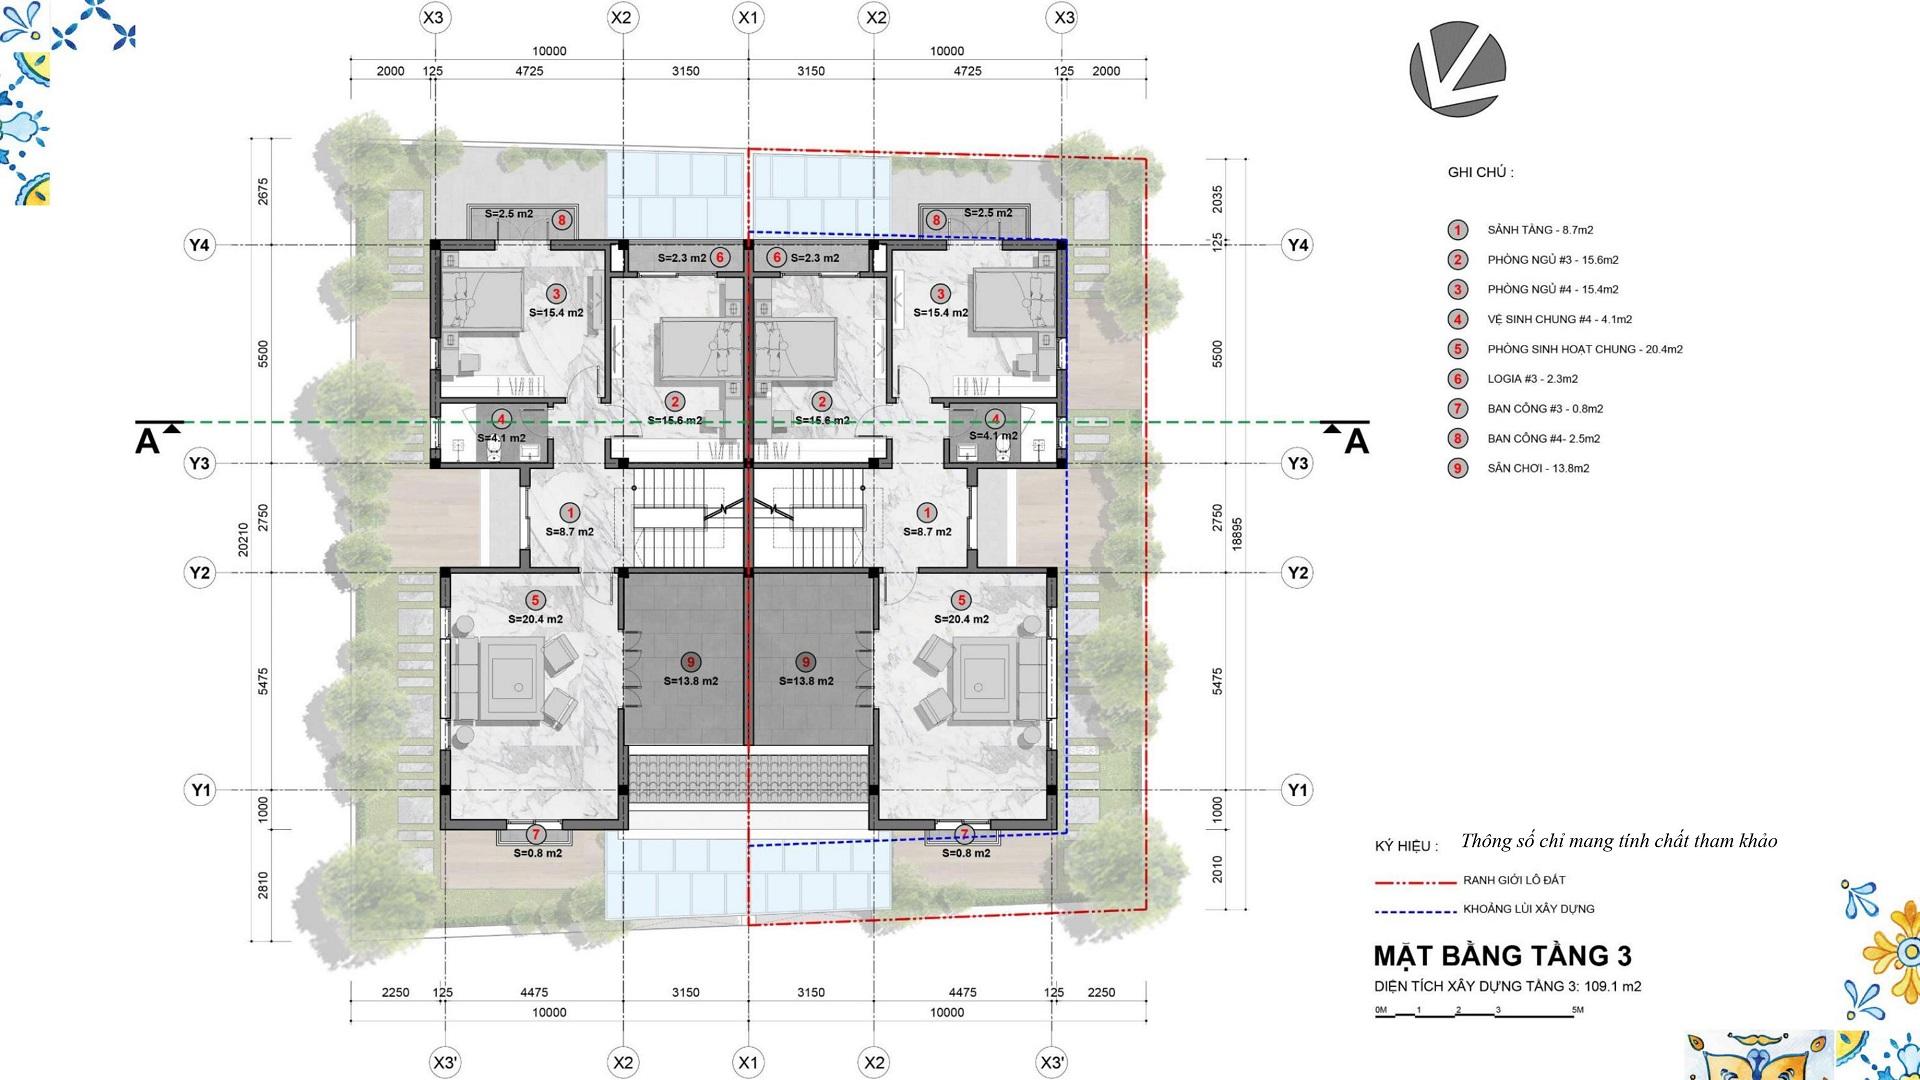 mặt bằng biệt thự song lập tầng 3